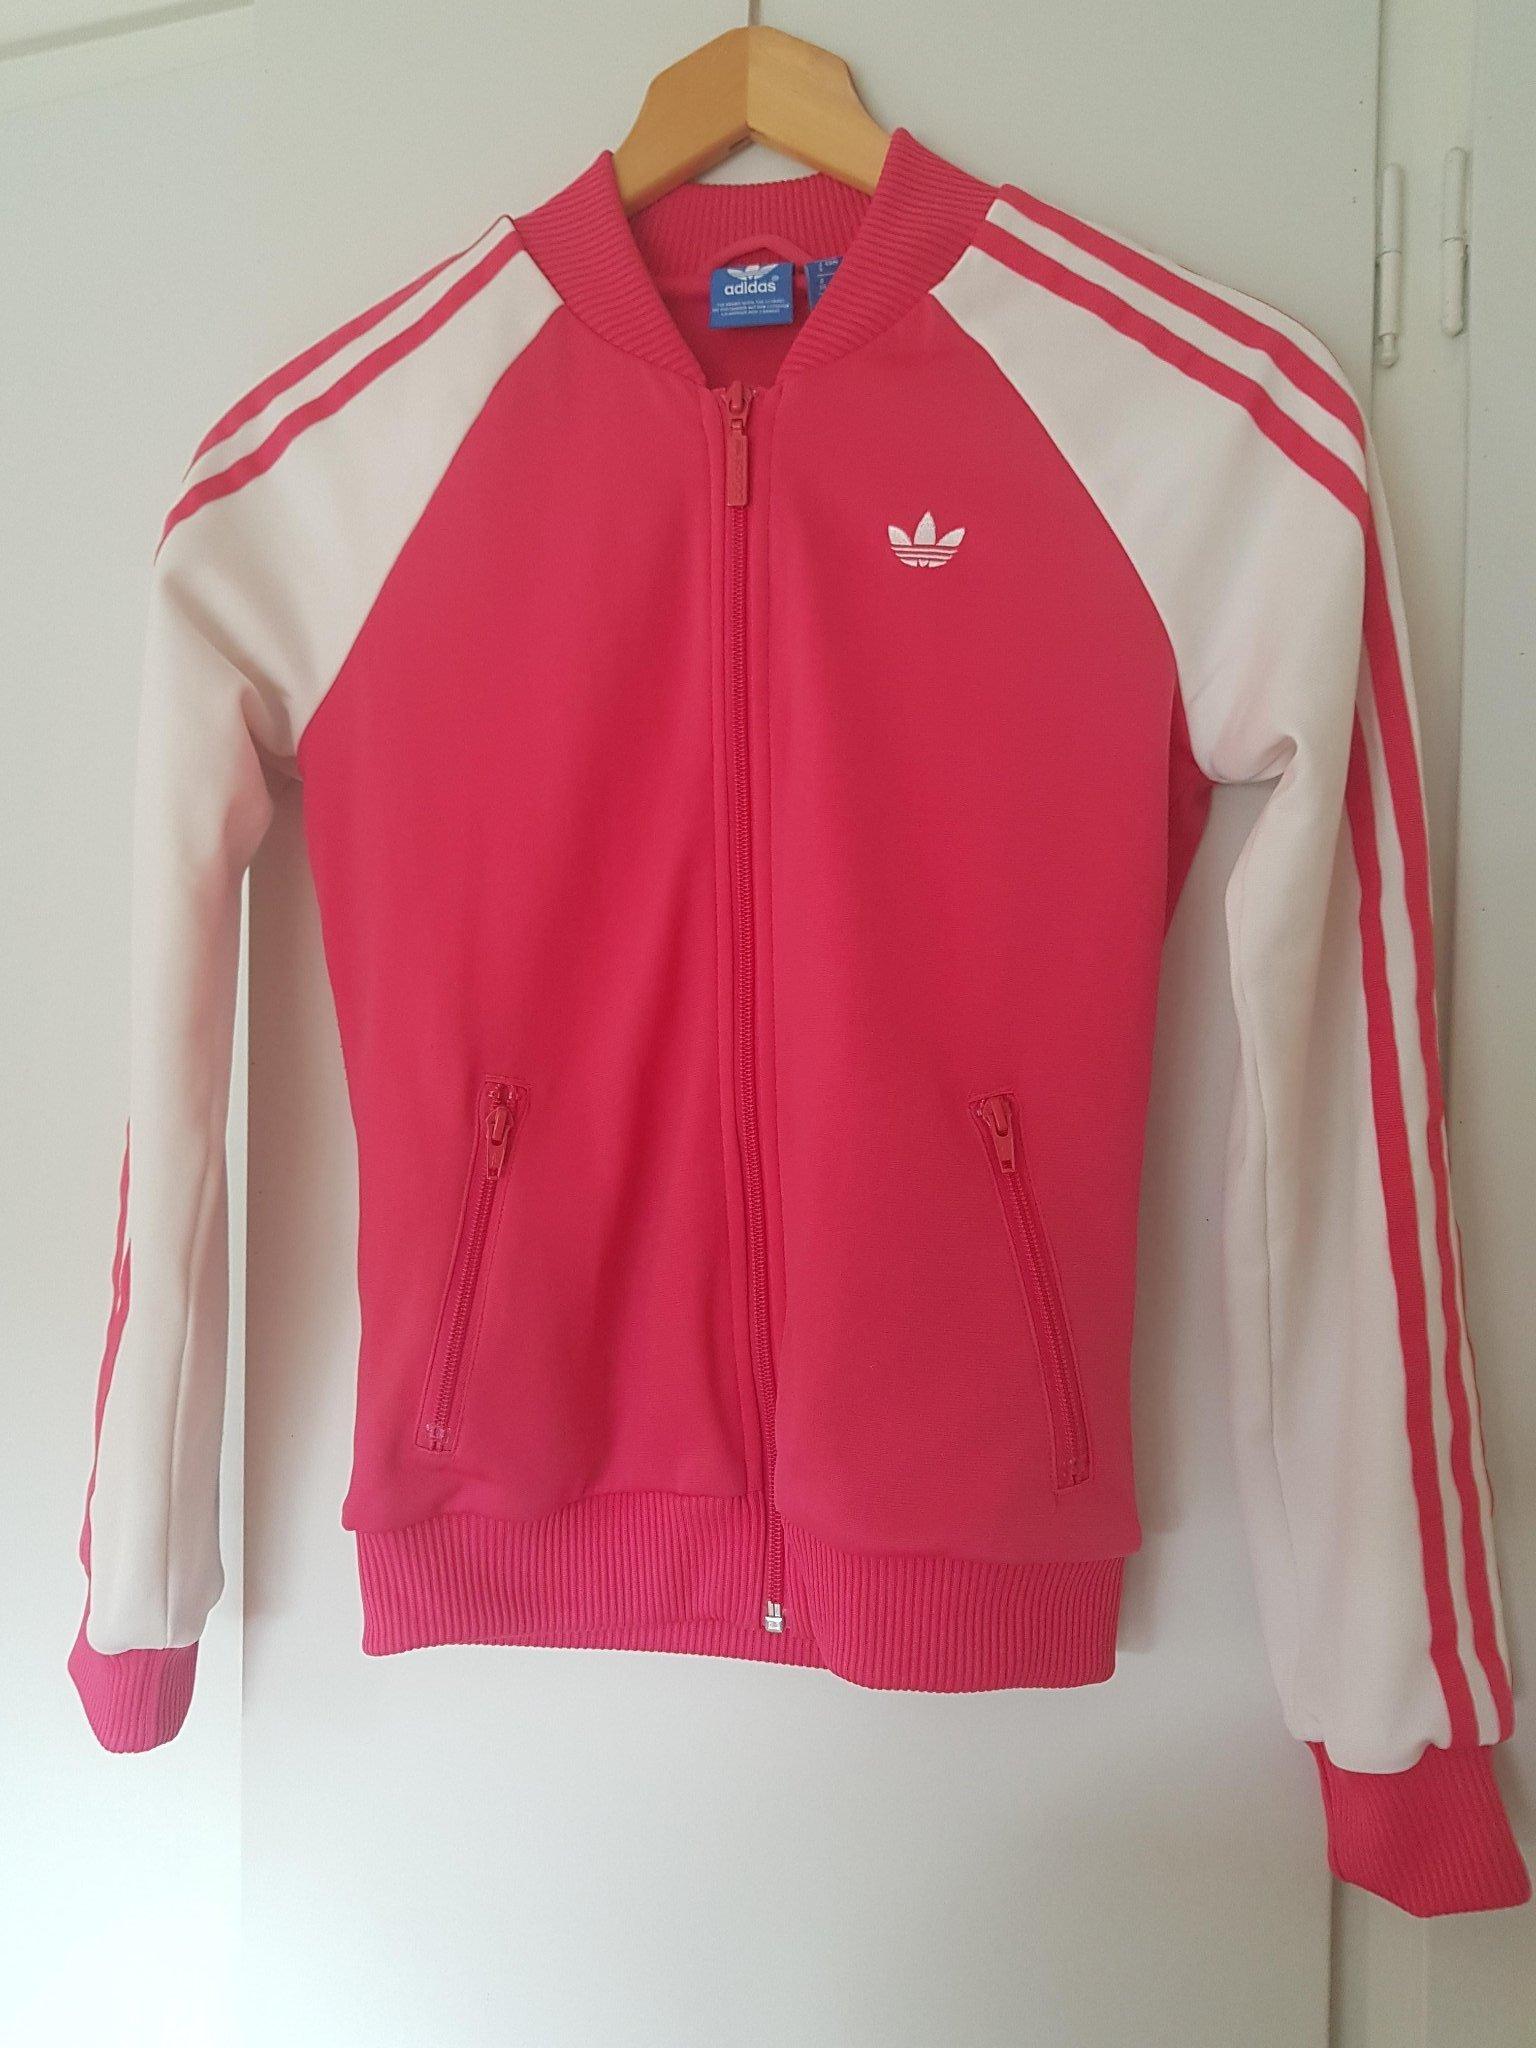 Adidas jacka fodrad, rosa och vit, strlk 34 (419190790) ᐈ